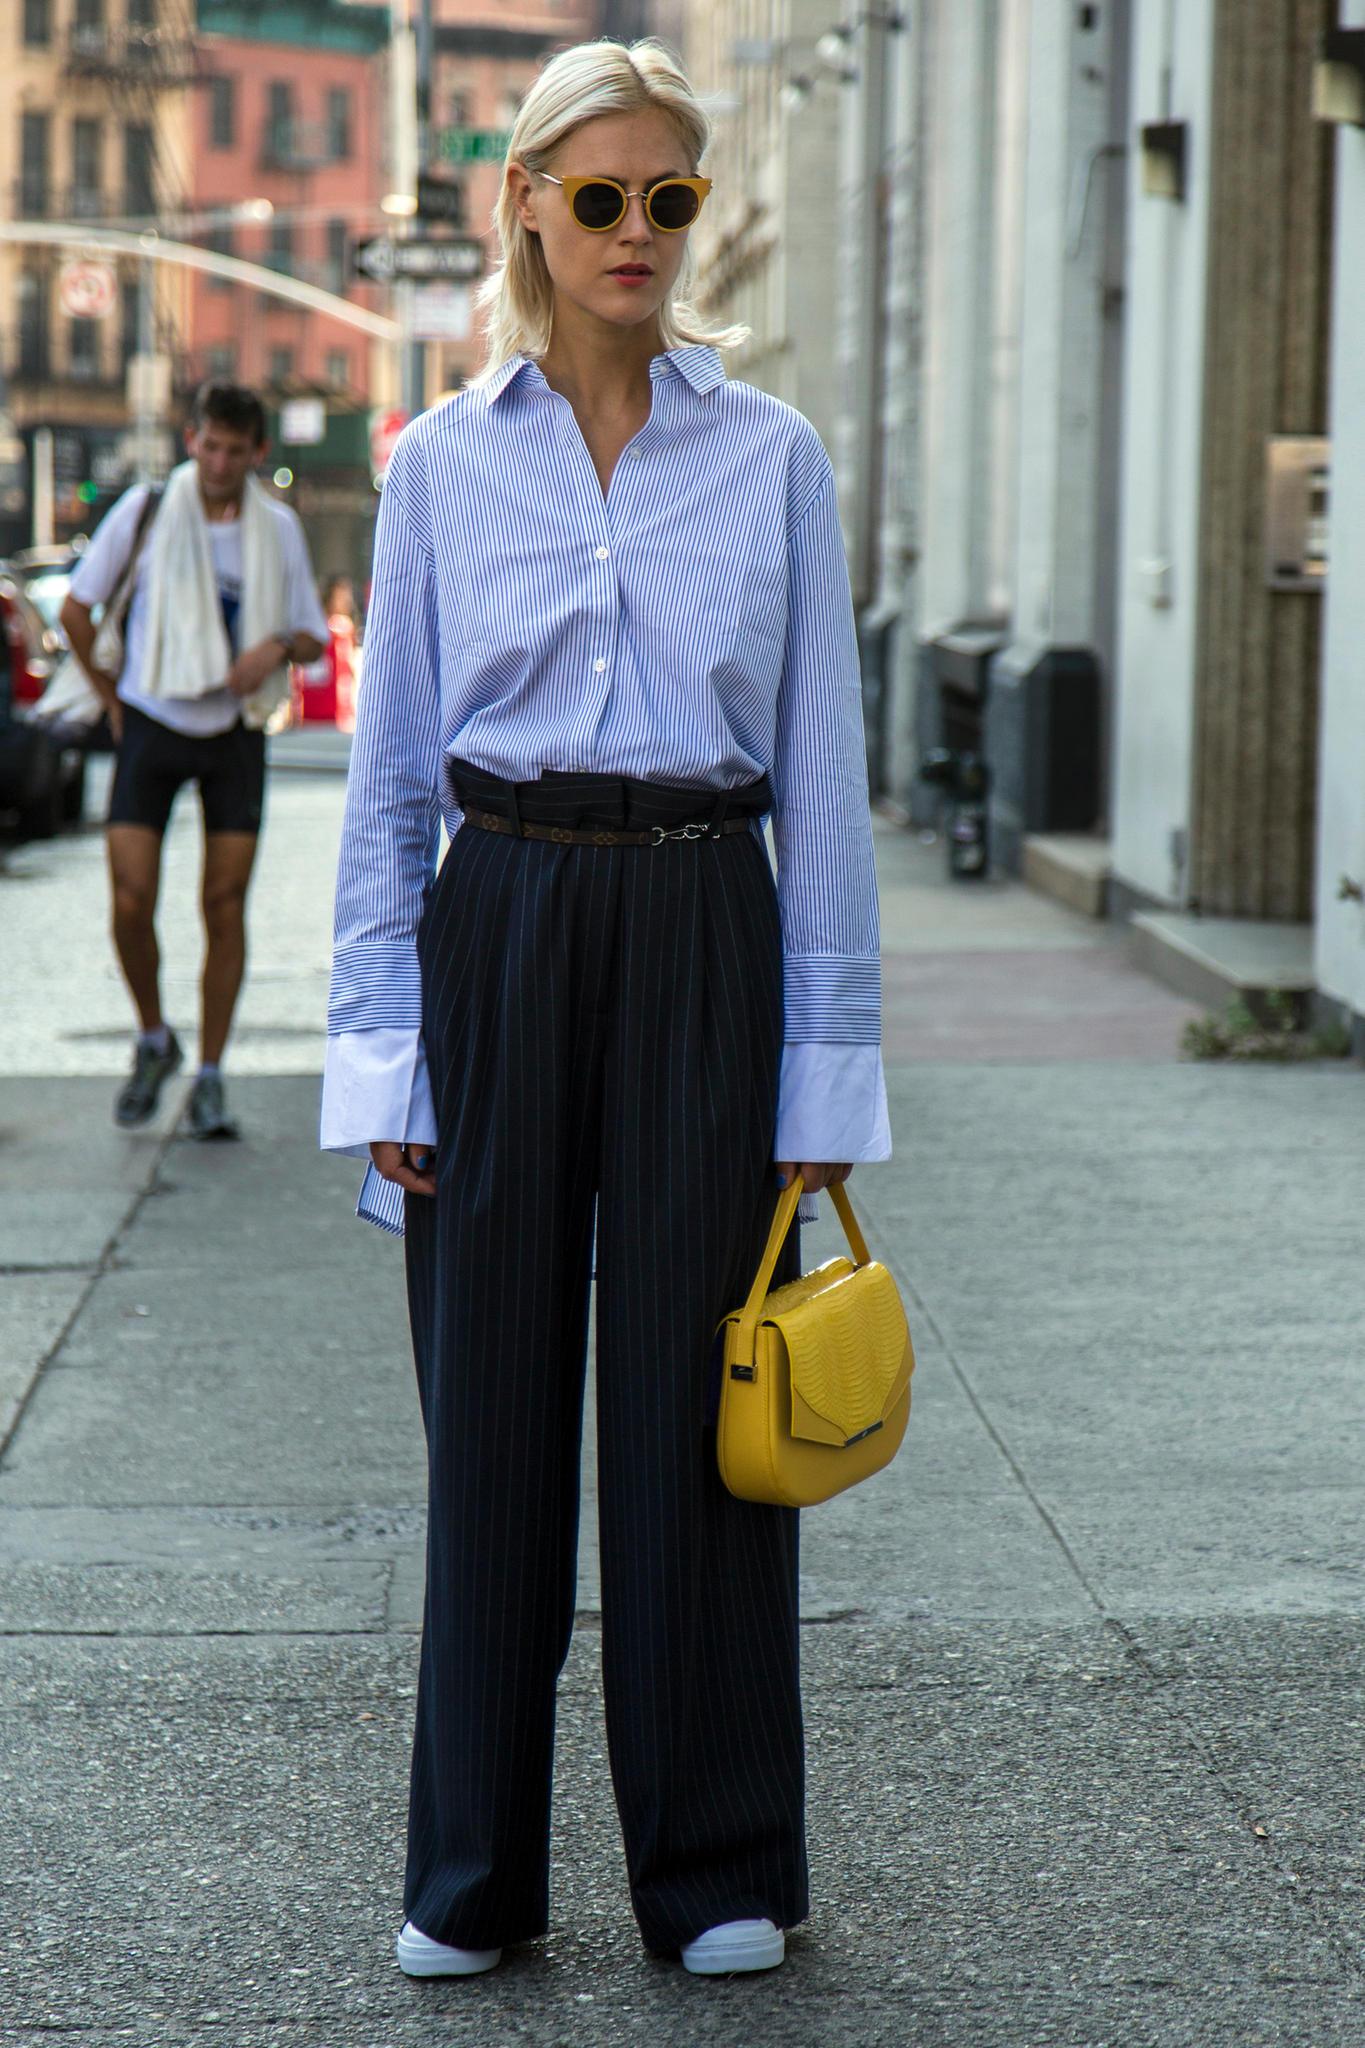 Hemdbluse an einer Frau auf der Straße